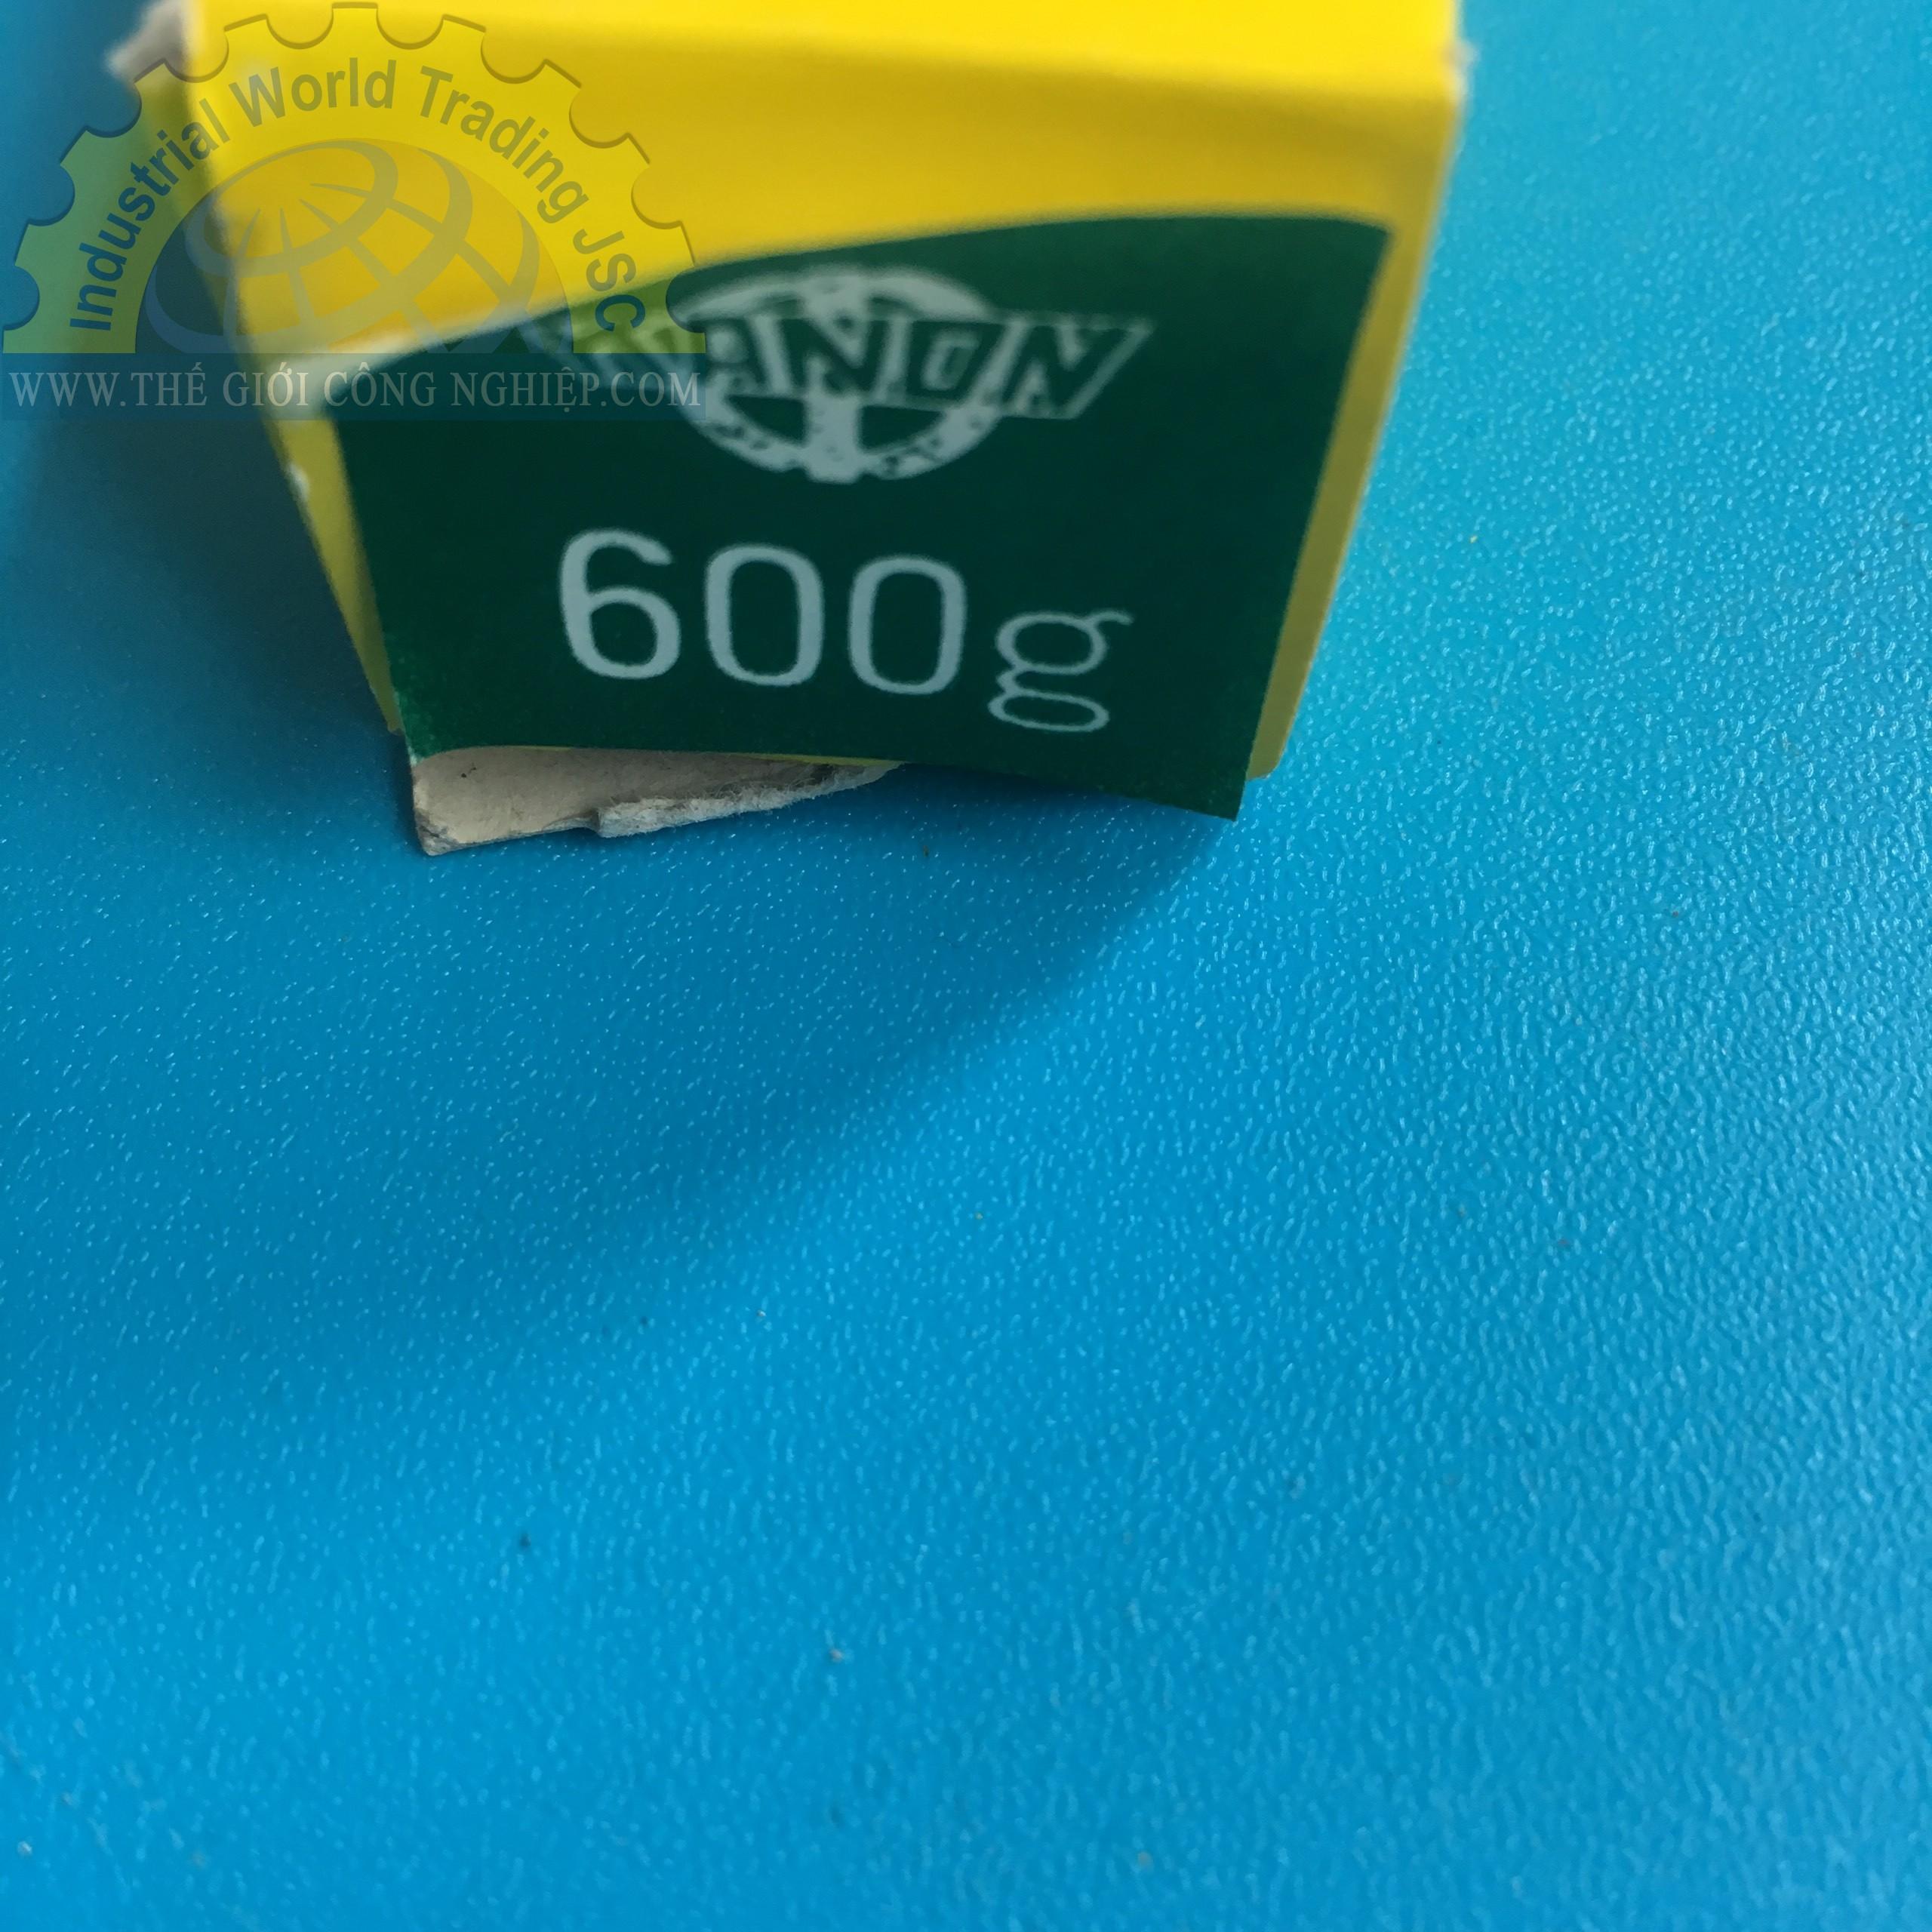 Thiết bị đo lực căng 0-600g  TK600 Kanon